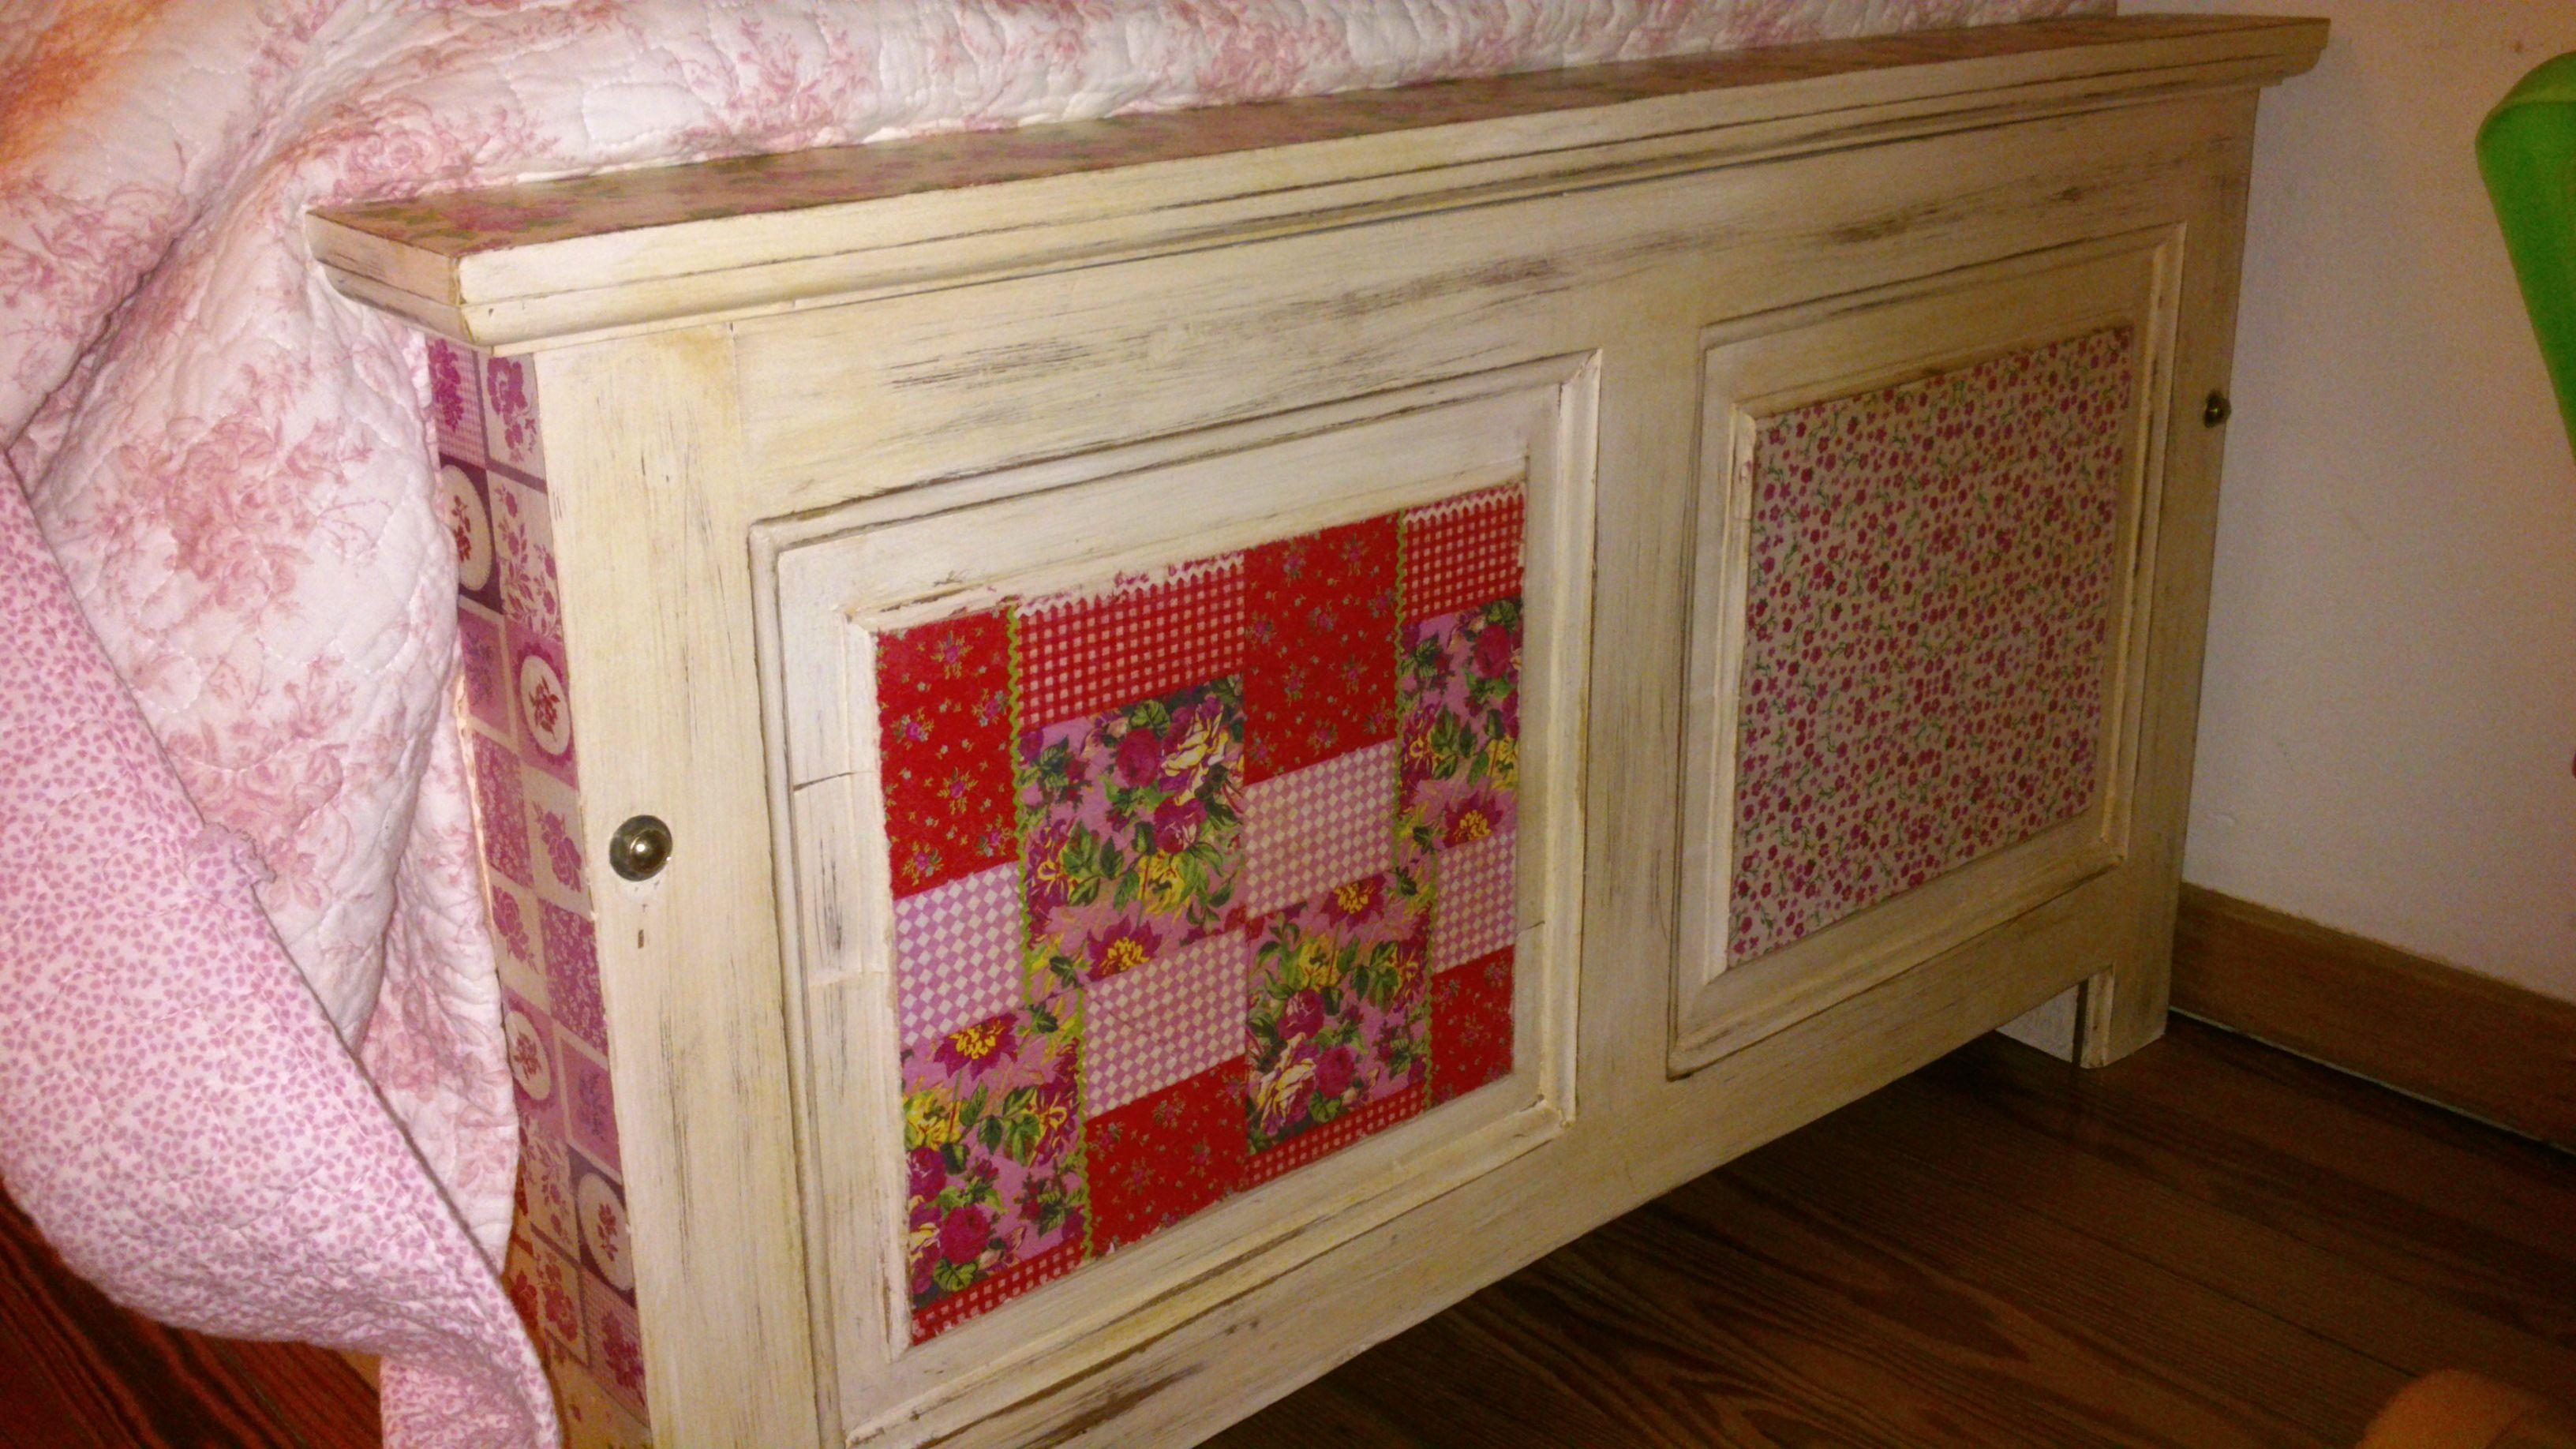 Pié de cama envejecido y trabajado con patchwork en decoupage.